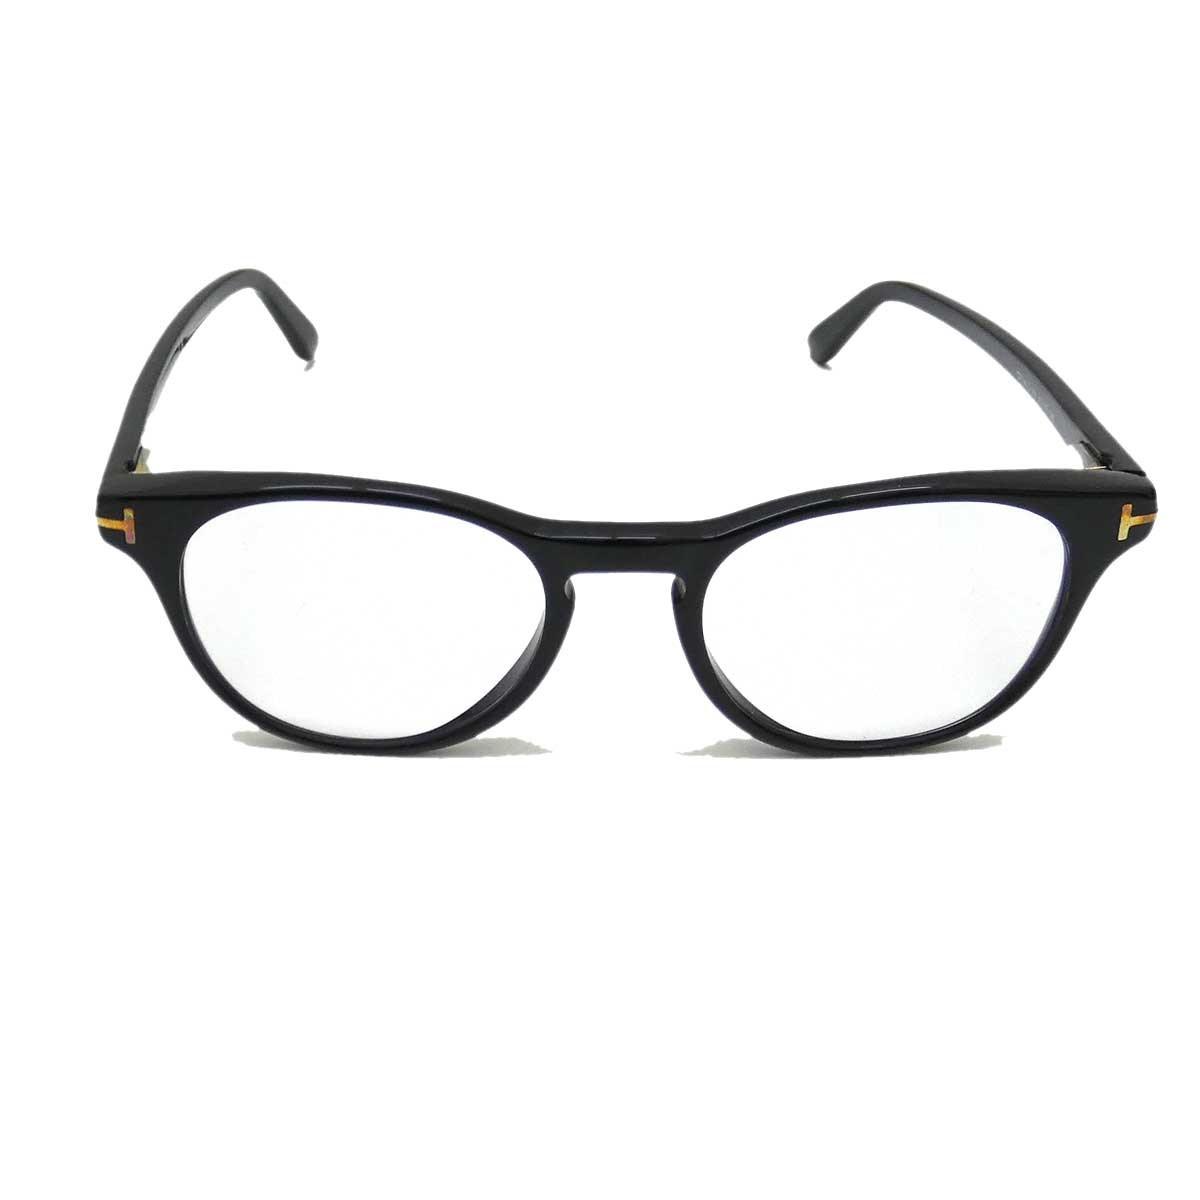 【中古】TOM FORD TF5410 セルフレームメガネ ブラック(SHINY BLACK) 【170320】(トムフォード)